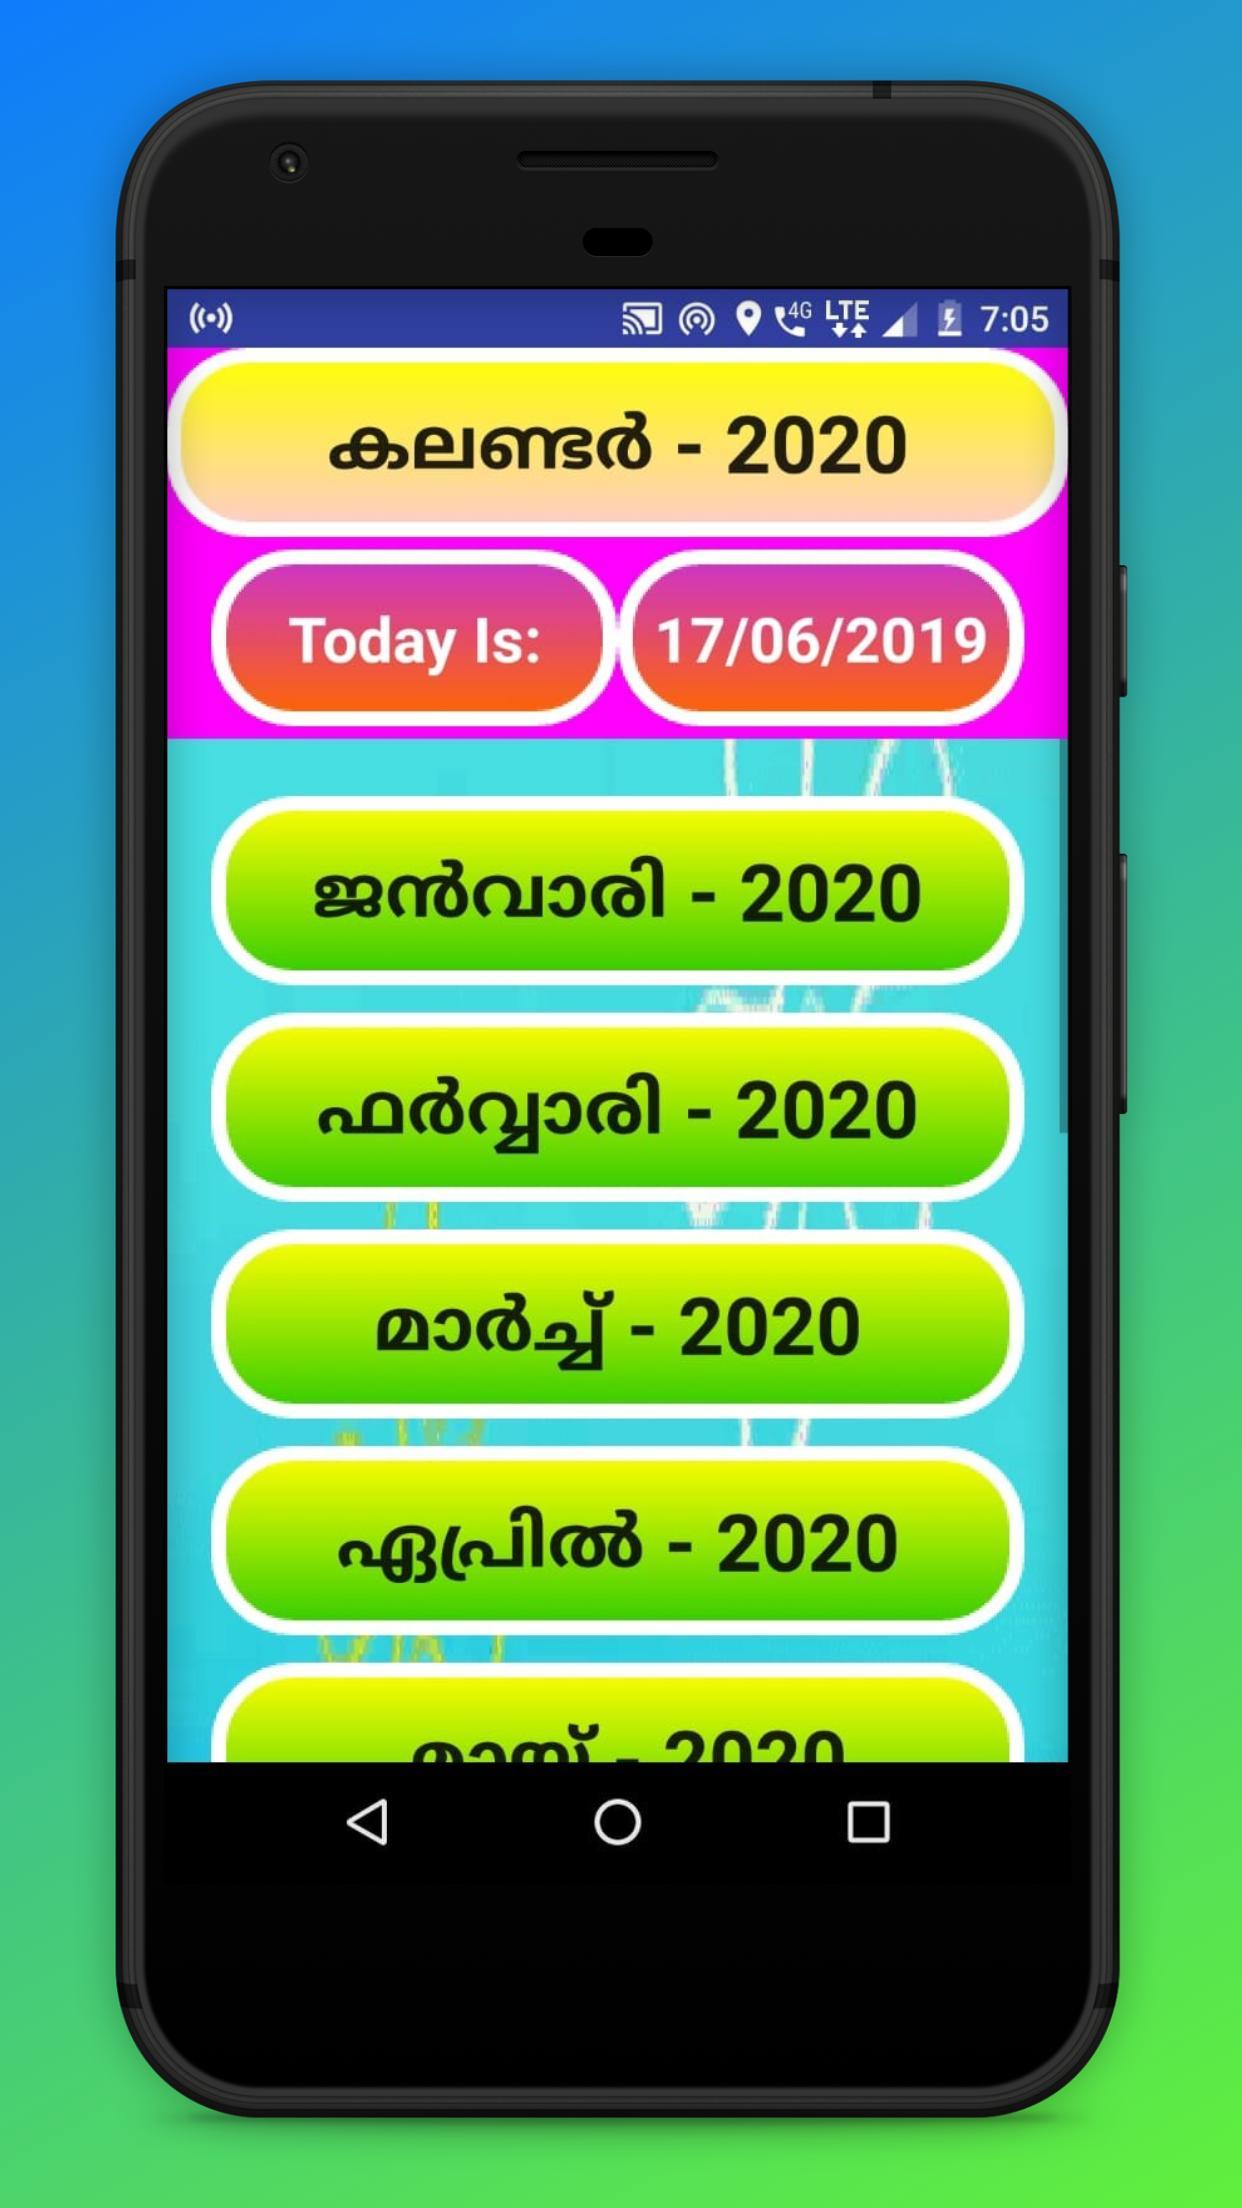 Malayalam Calendar 2020 Malayala Manorama Для Андроид